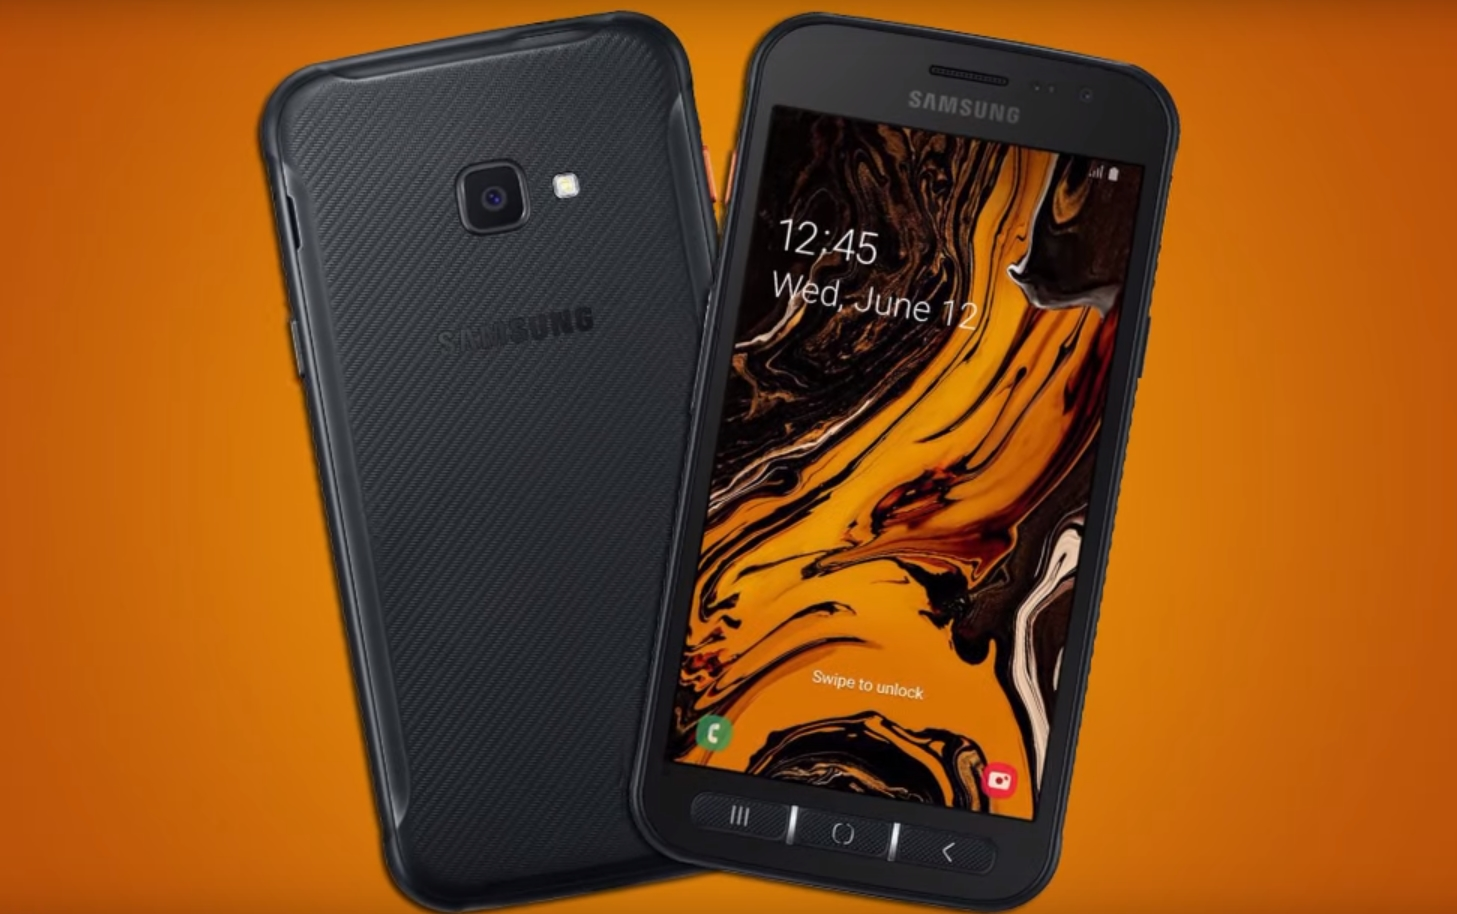 Смартфон Samsung Galaxy Xcover 4s: прочность и производительность